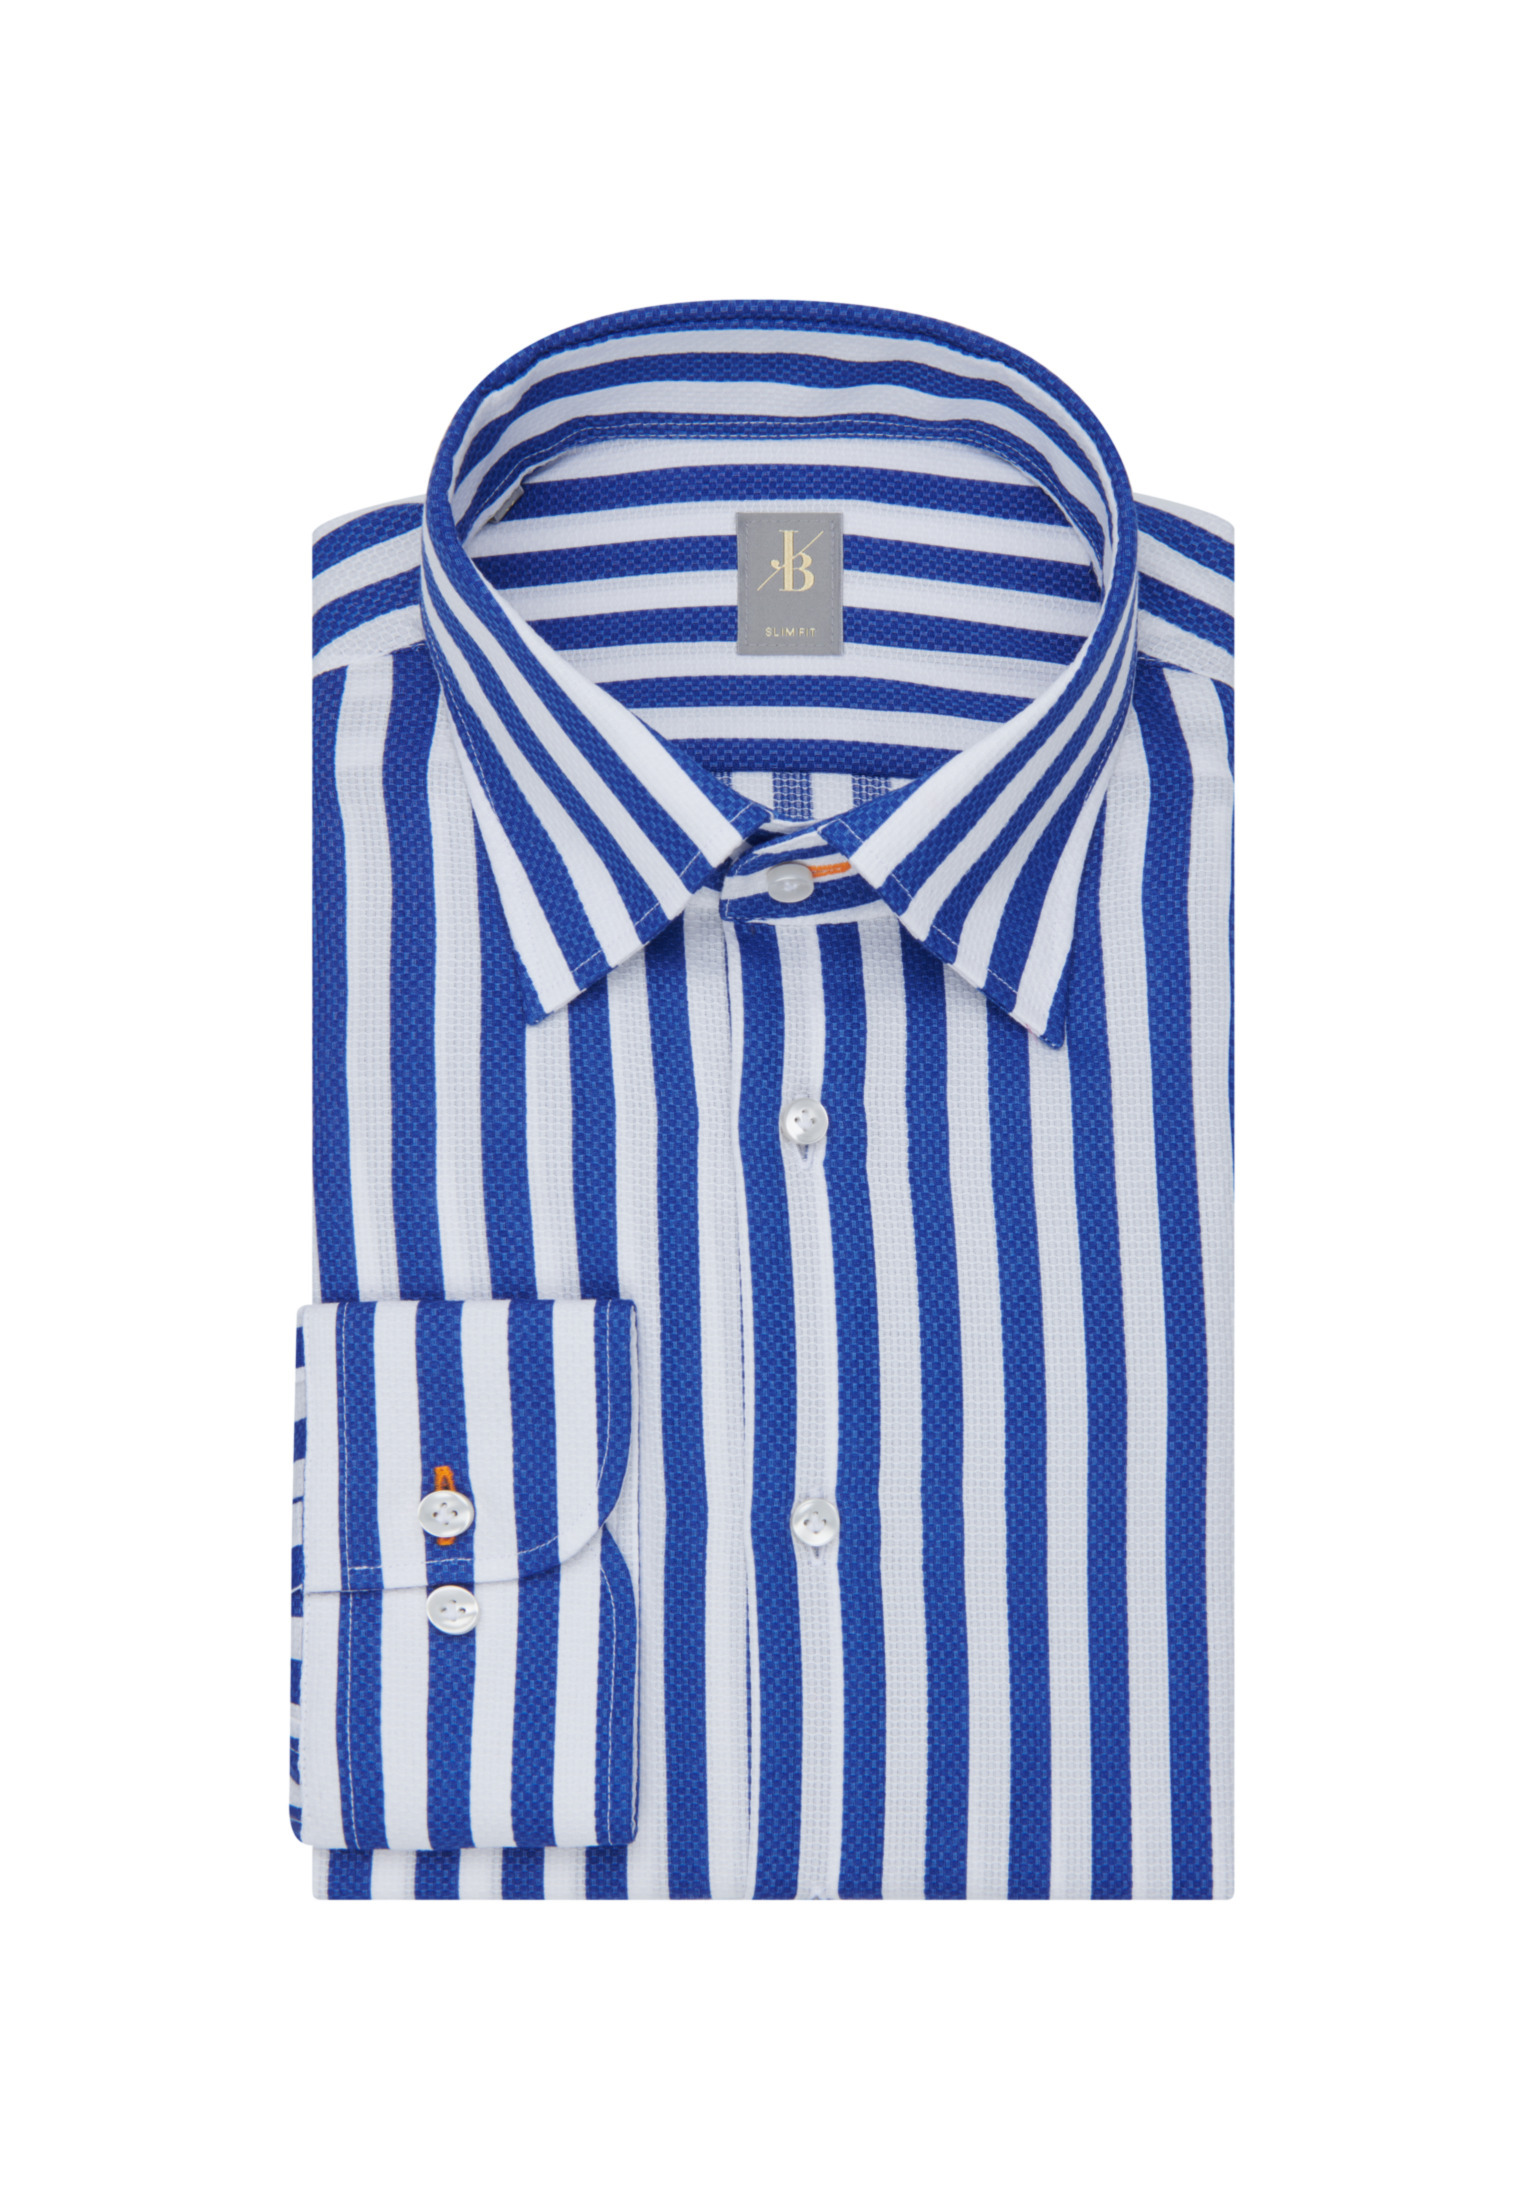 JACQUES BRITT Business Hemd Slim Fit in Mittelblau günstig kaufen